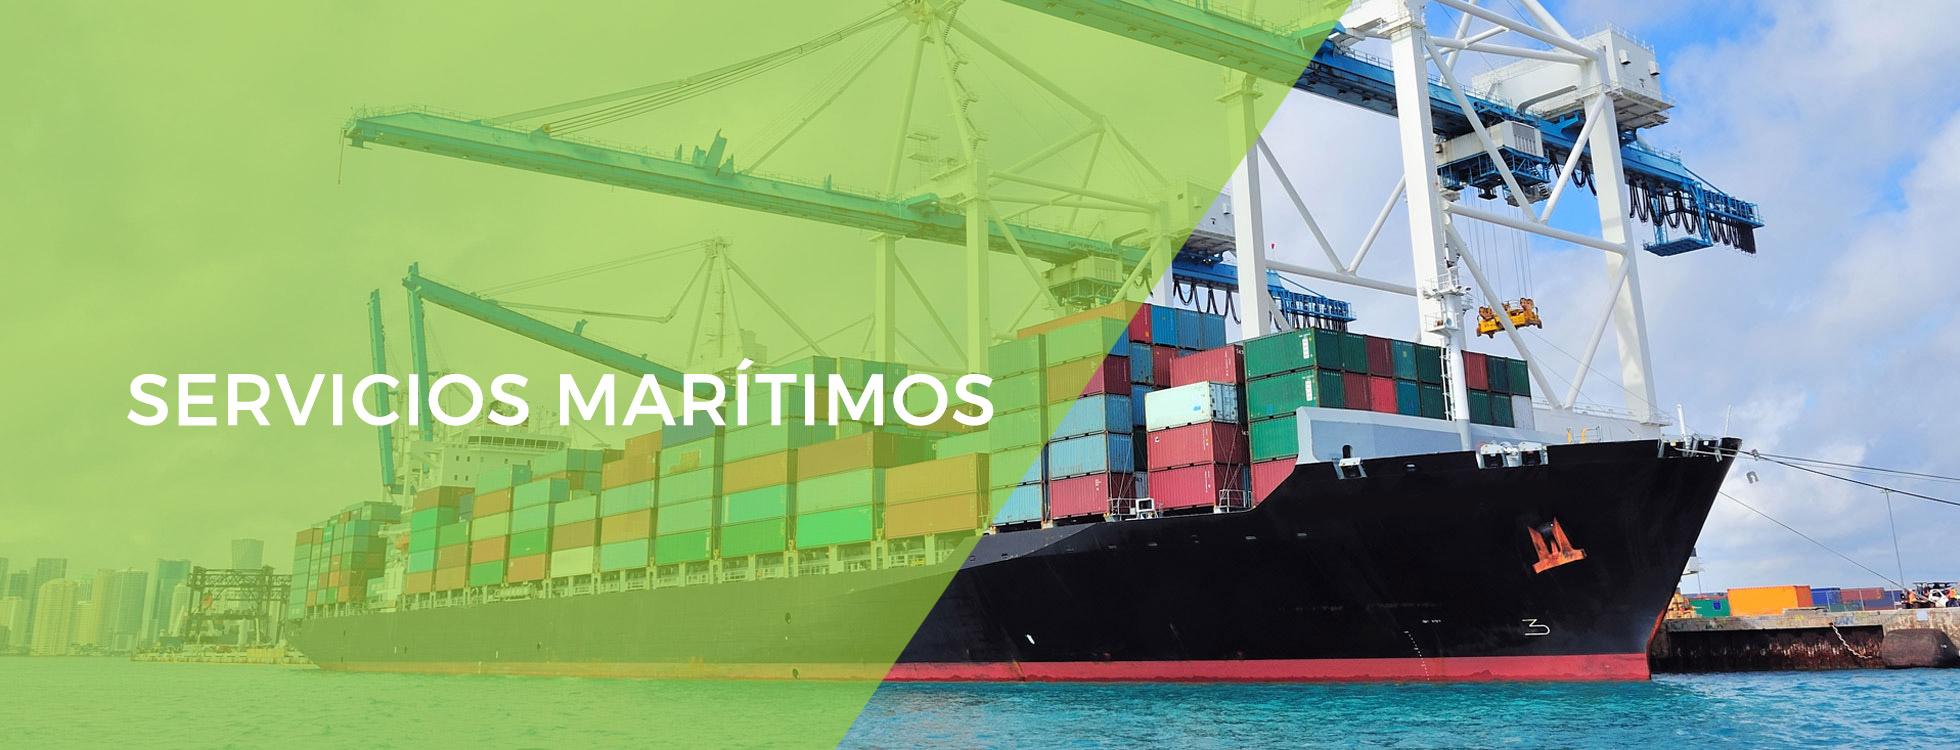 banner4-transportacion-maritima-es